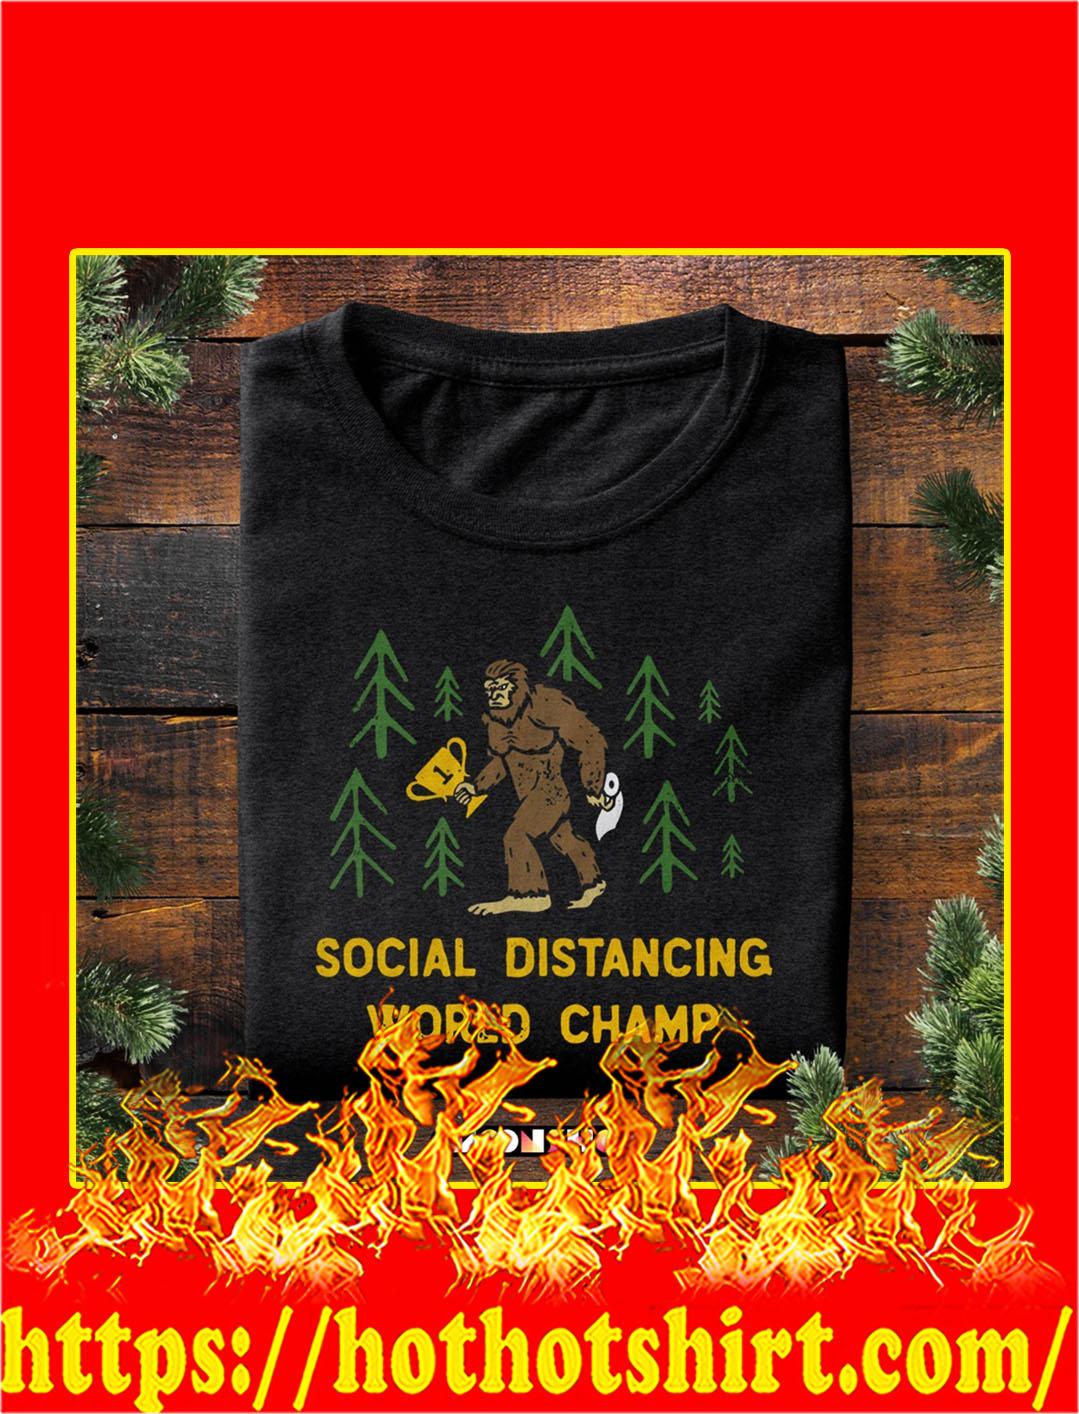 Social distancing world champ bigfoot shirt - pic 1